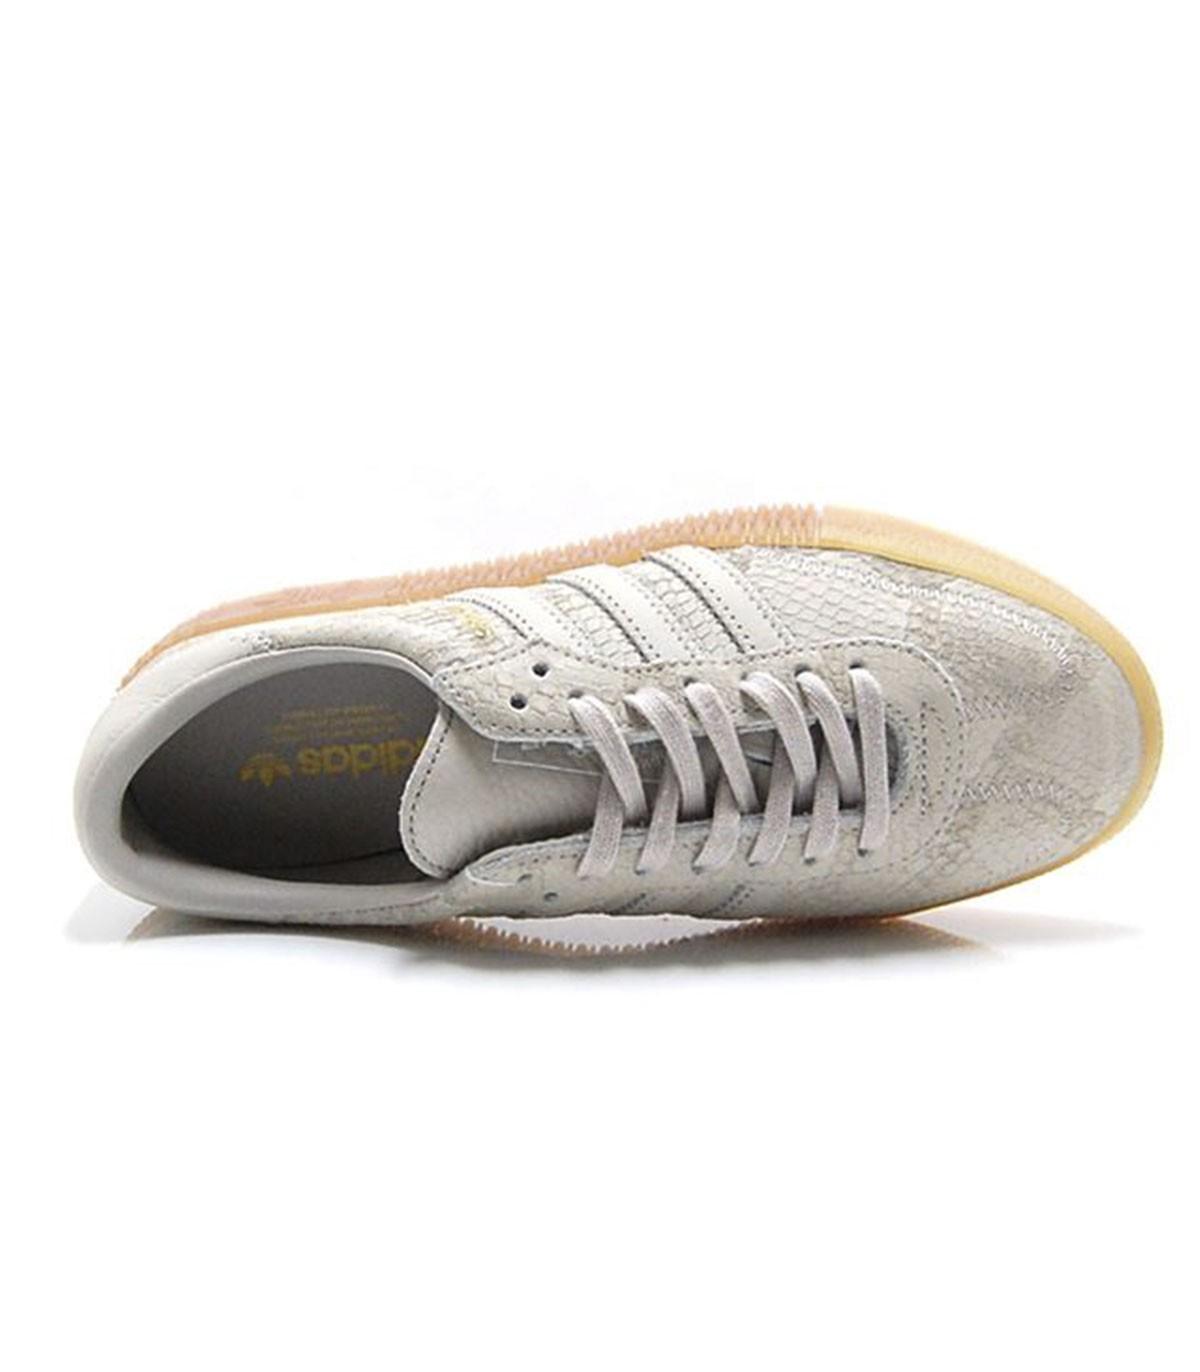 7d176654db87c5 Buy Adidas Sambarose W